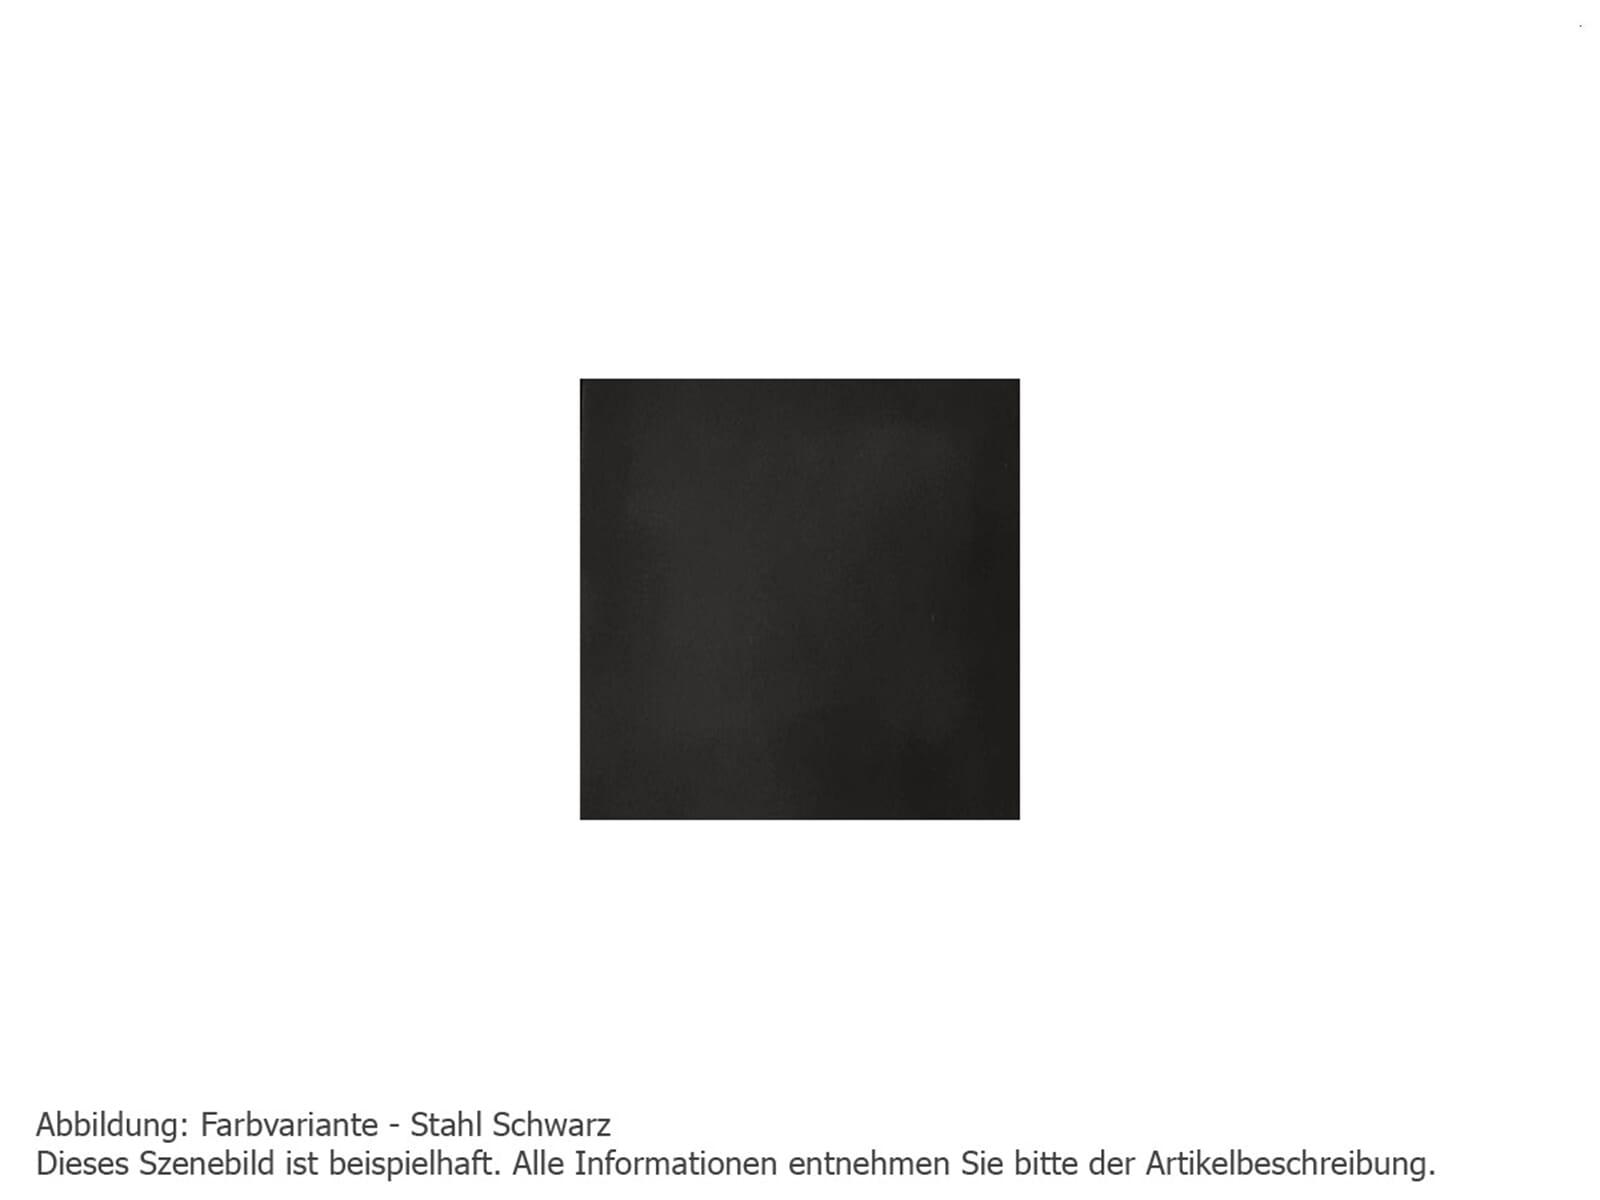 justus faro plus 4693 10 kaminofen stahl schwarz abdeckplatte stahl schwarz ebay. Black Bedroom Furniture Sets. Home Design Ideas